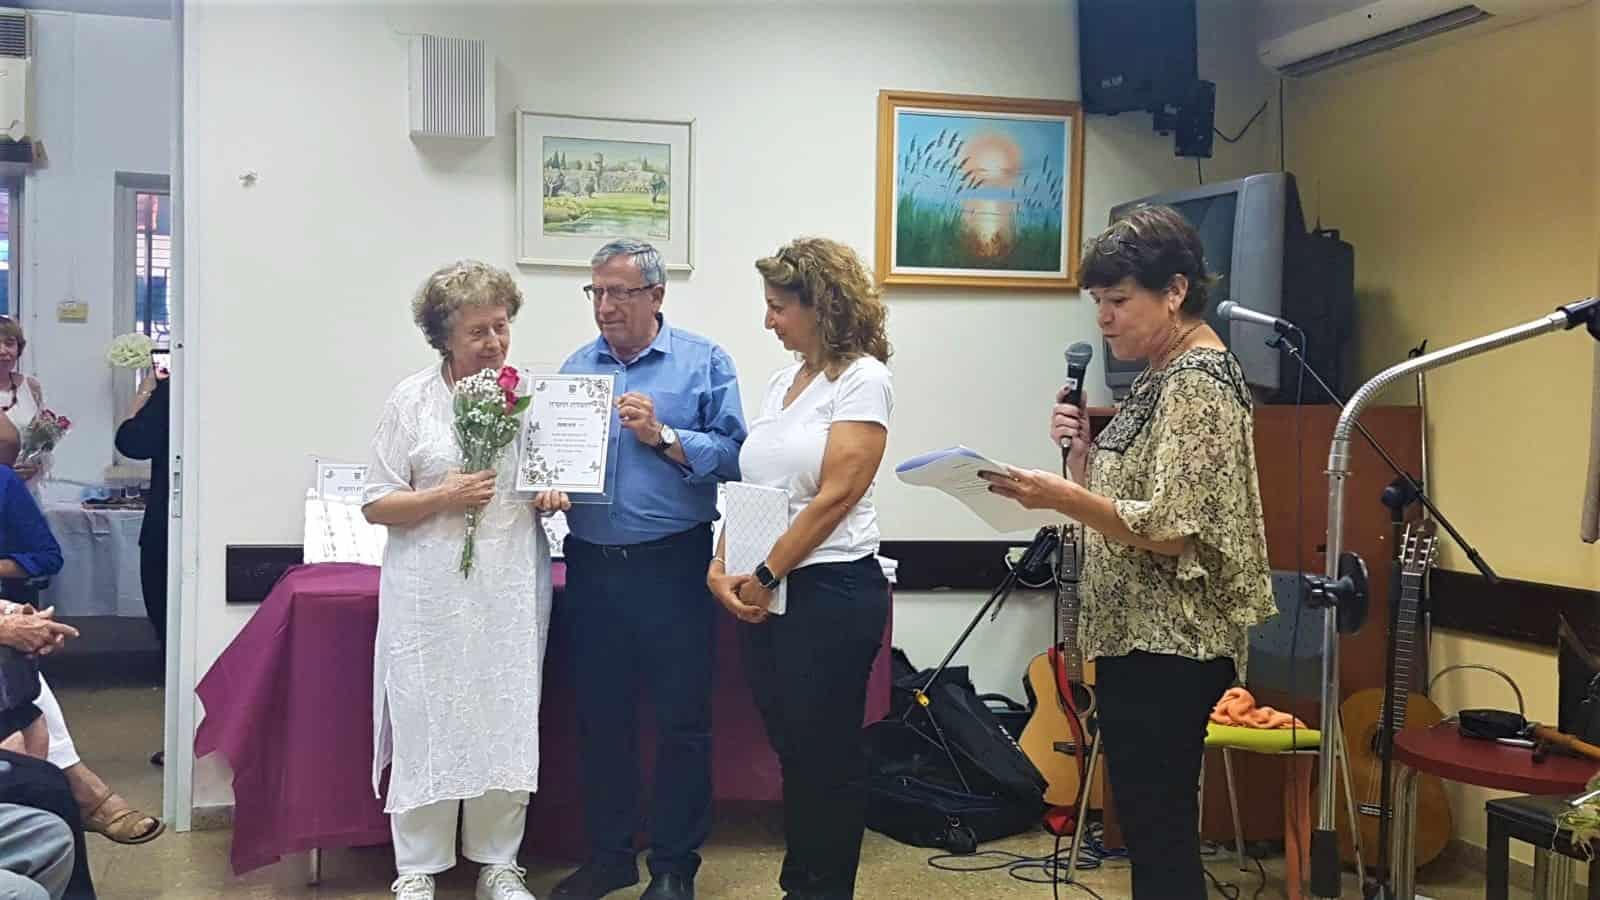 ראש העירייה מעניק תעודת הוקרה למתנדבת חיה מנוח, צילום: באדיבות דוברות עיריית רמת גן